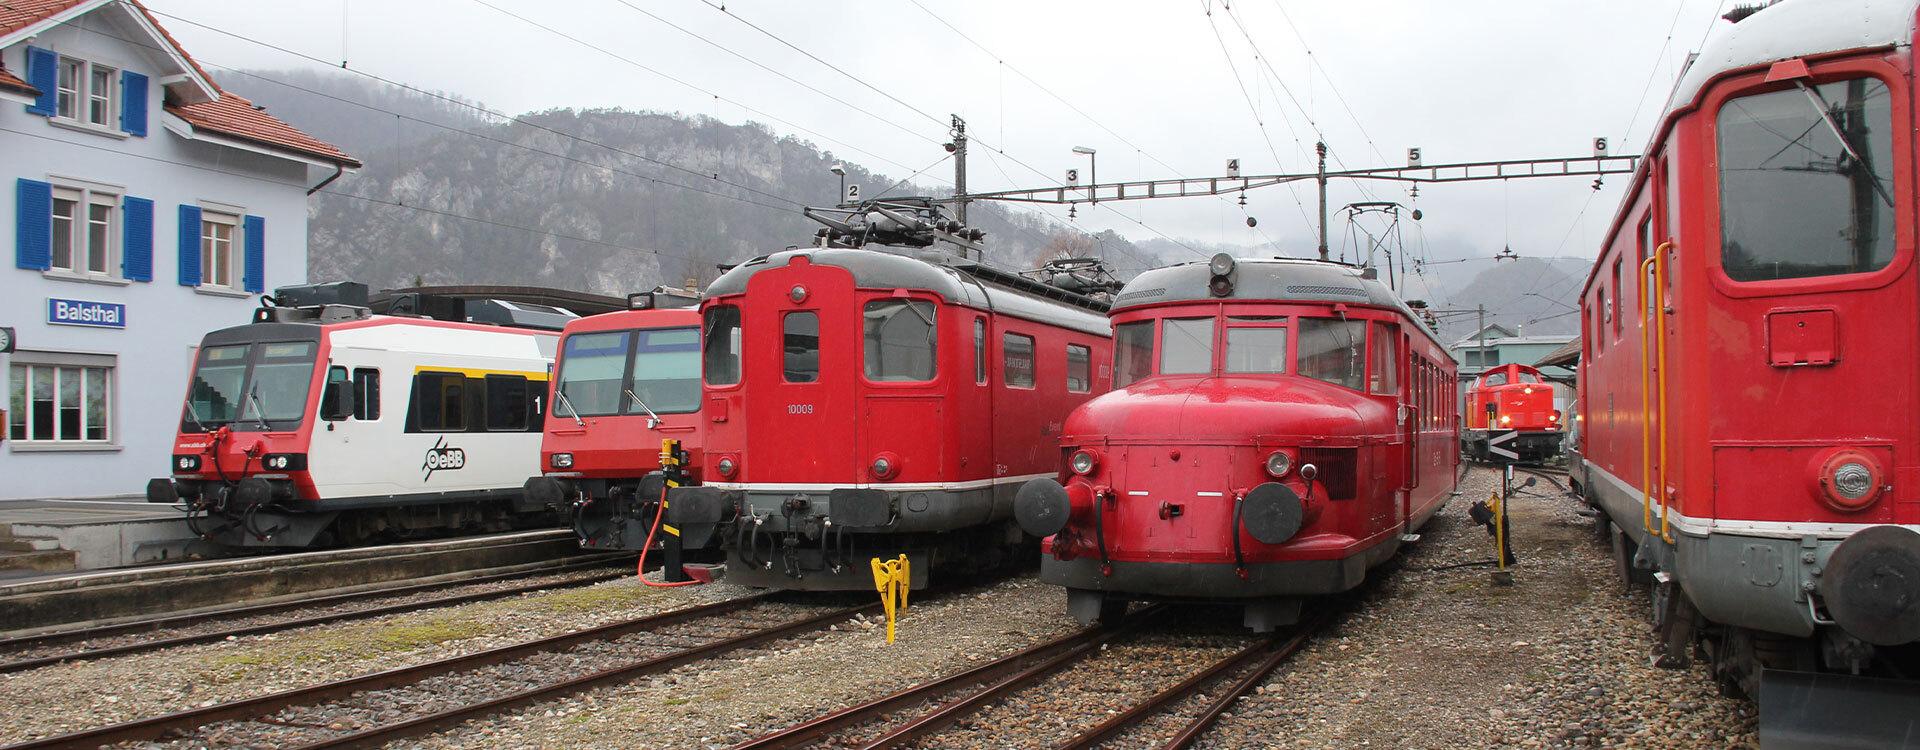 Unsere Charter-Flotte - Oensingen-Balsthal-Bahn AG